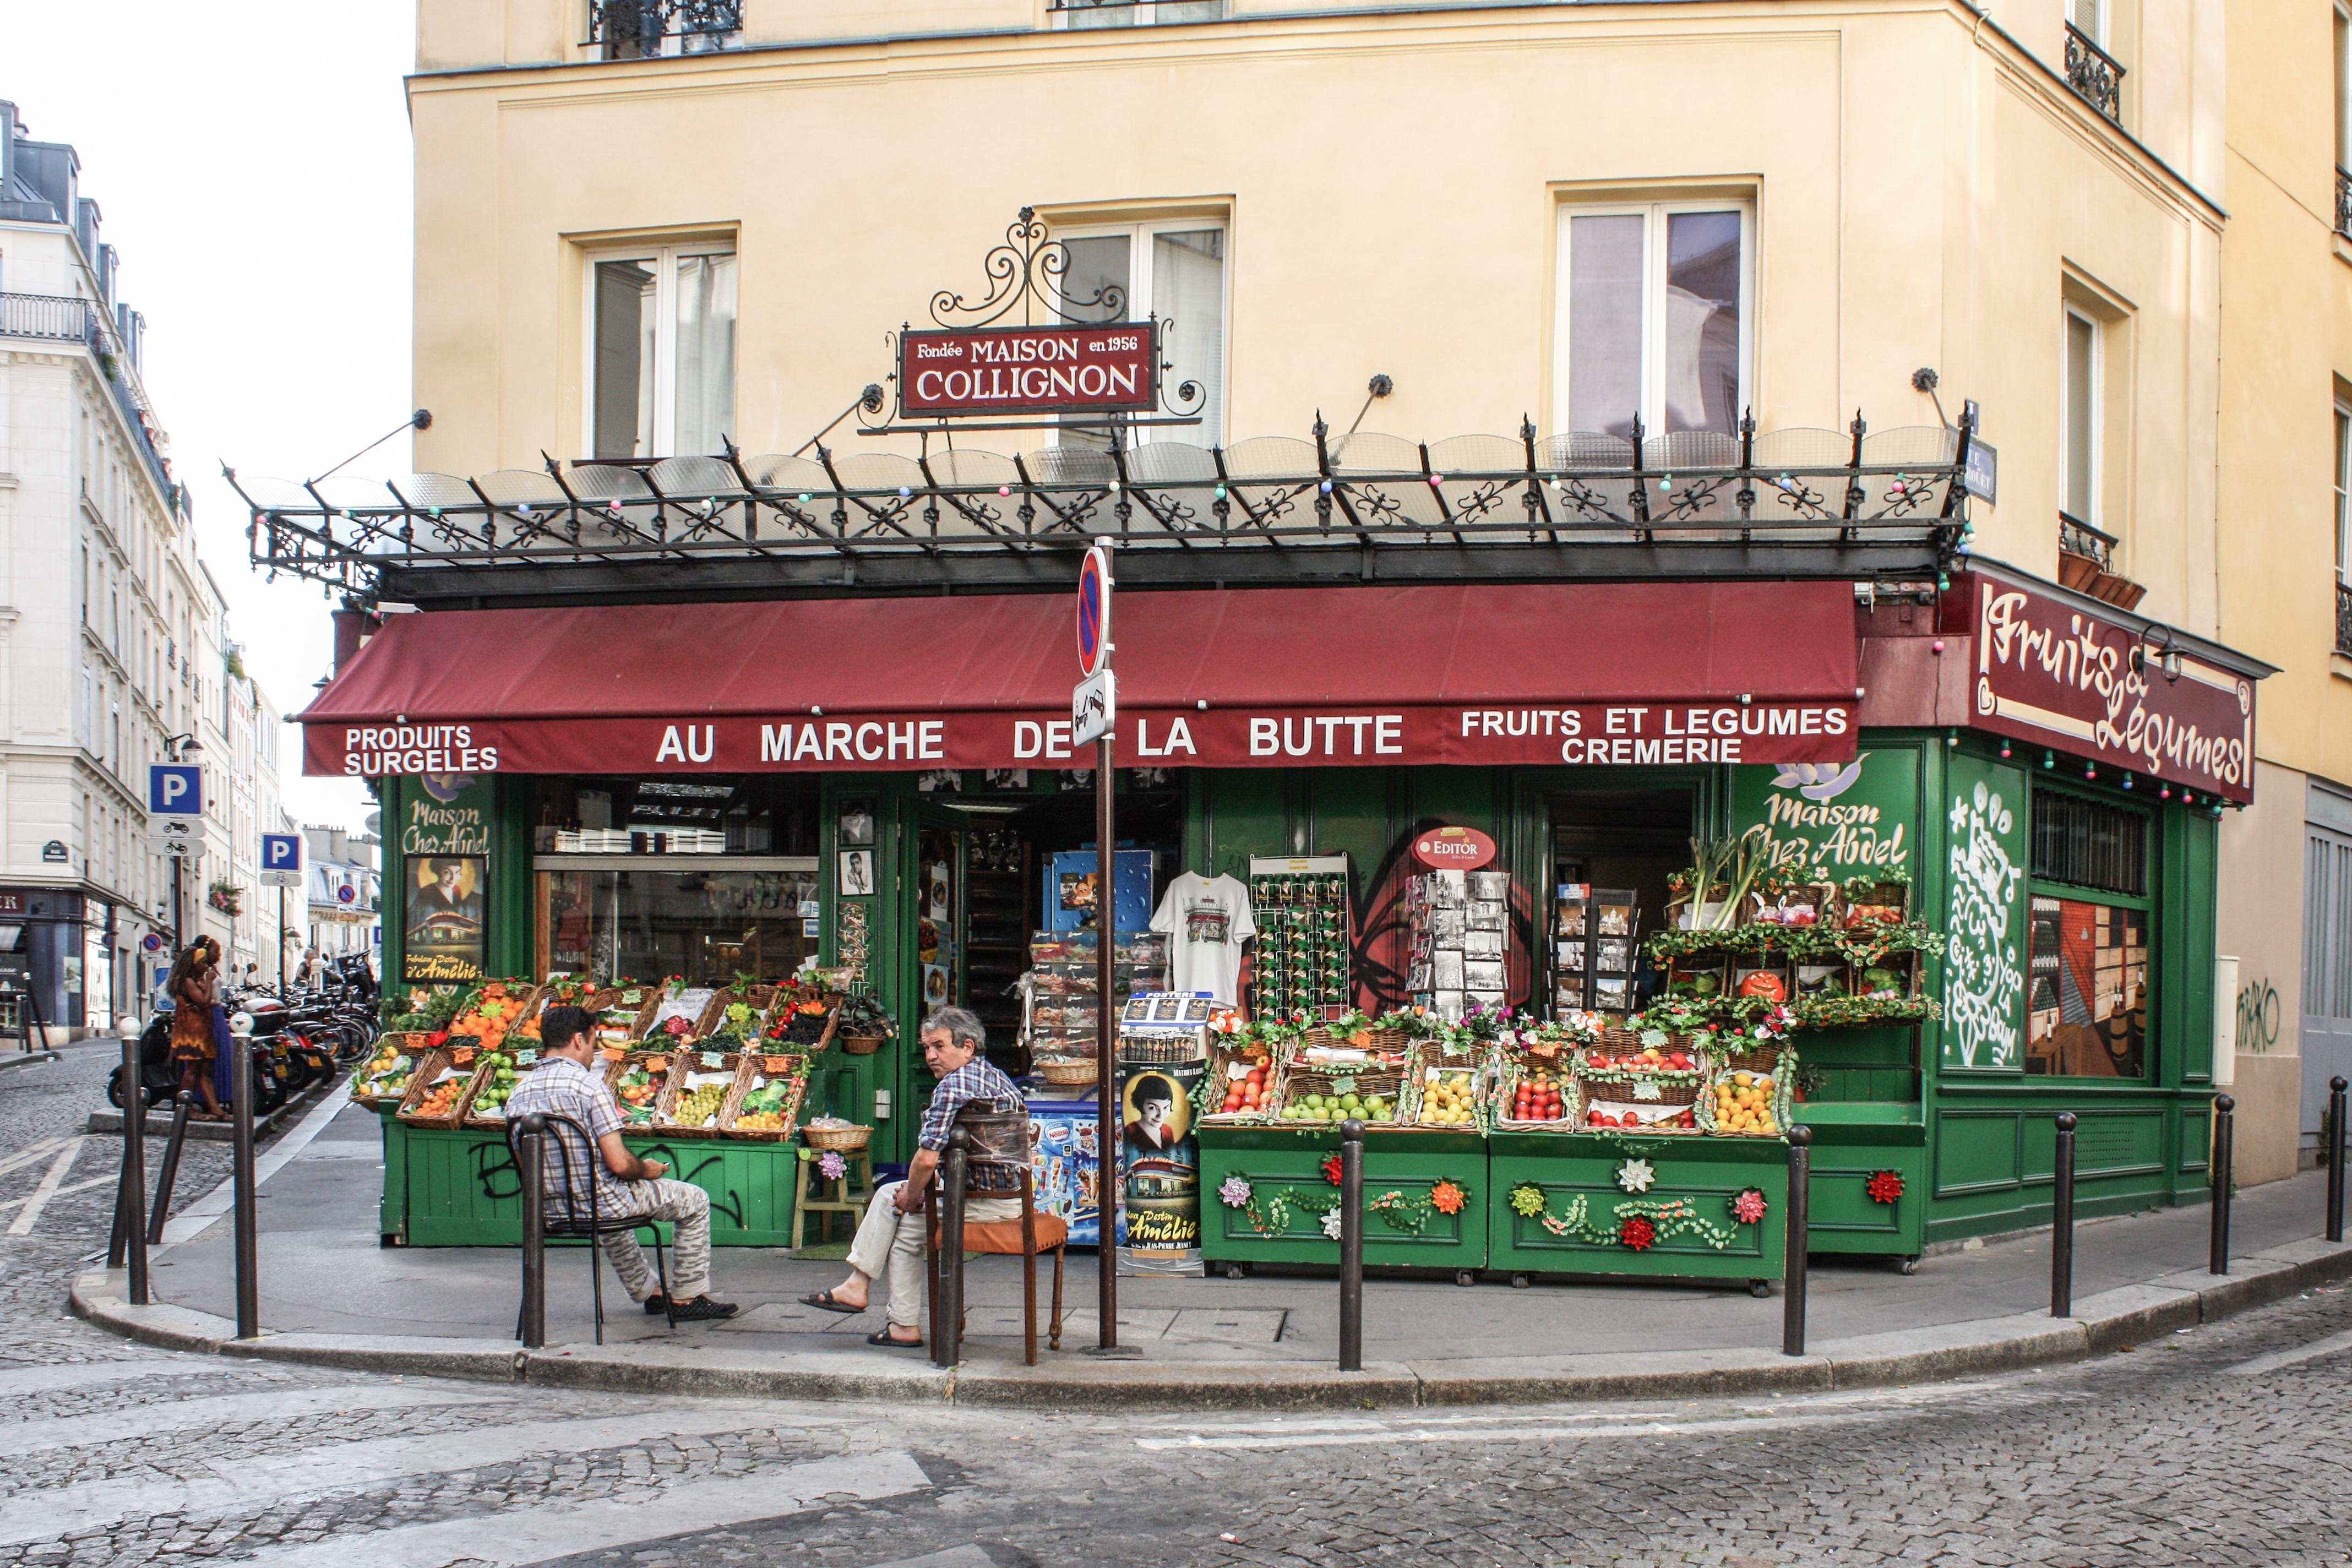 Hotel De La Butte file:au marché de la butte, paris 15 august 2013